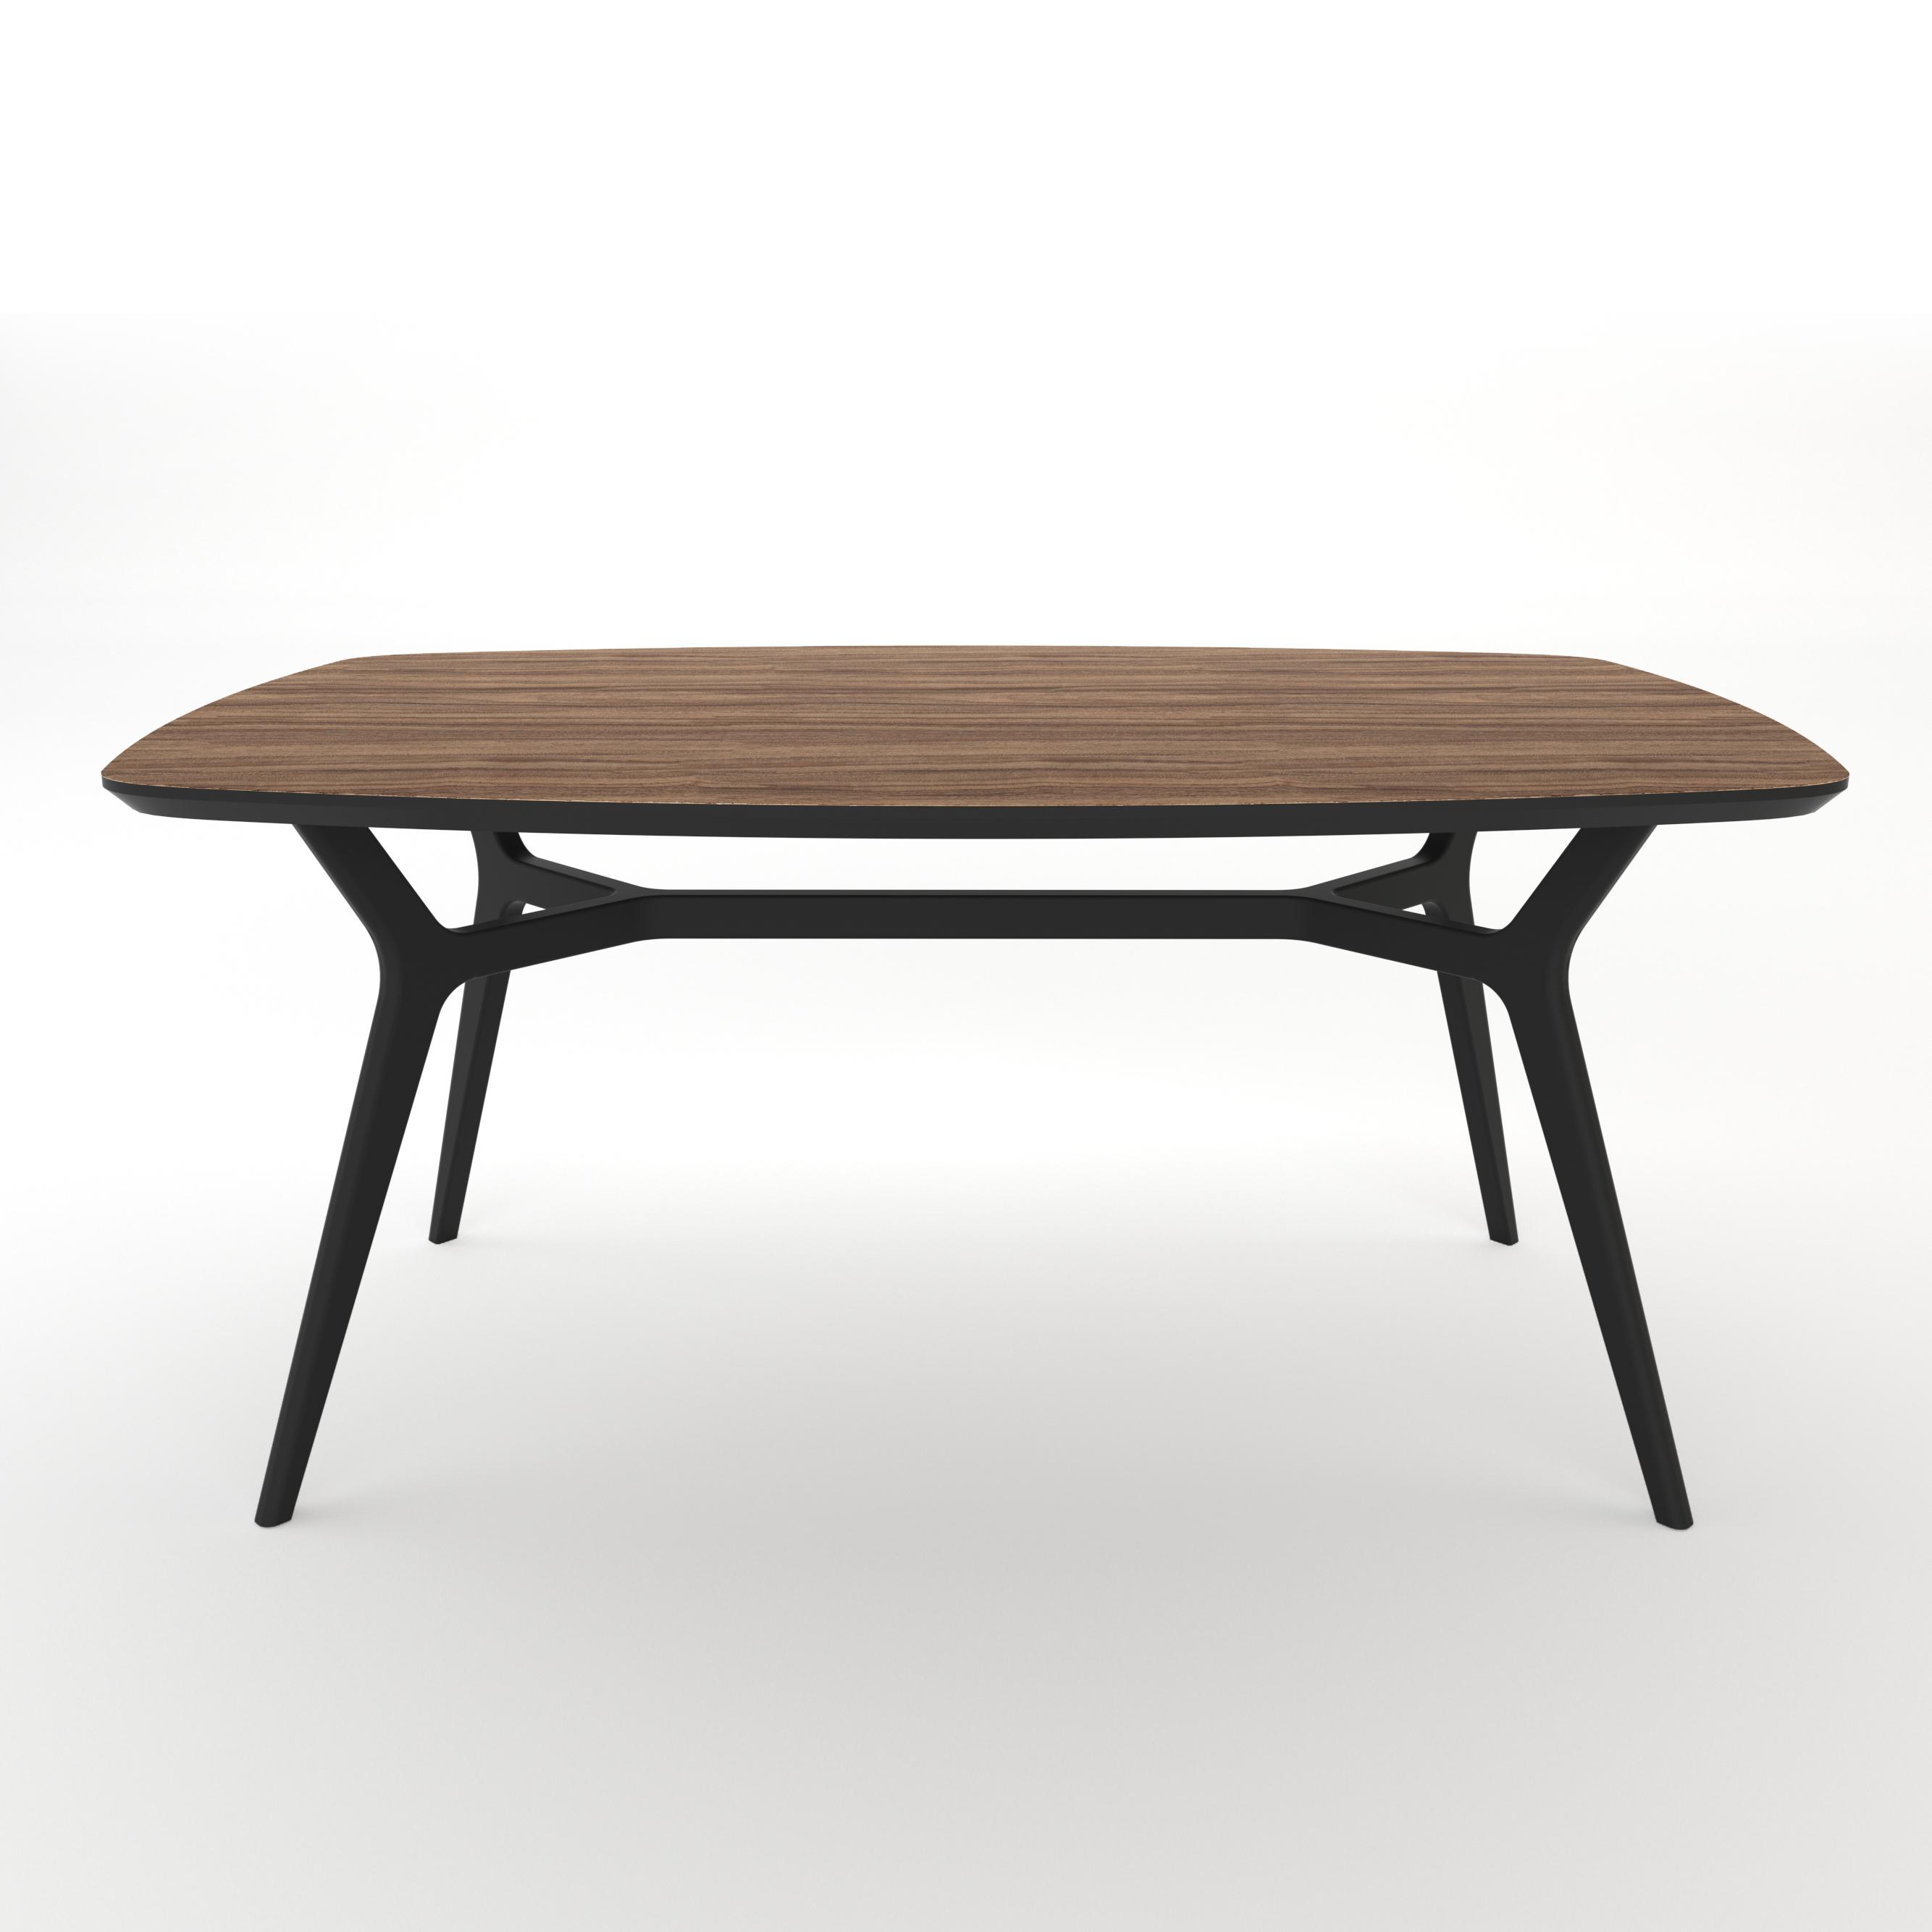 Стол JohannОбеденные столы<br>Тщательная проработка деталей и пропорций стола позволяет ему идеально вписаться в любой интерьер.&amp;lt;div&amp;gt;&amp;lt;br&amp;gt;&amp;lt;/div&amp;gt;&amp;lt;div&amp;gt;Отделка столешницы шпоном дуба, подстолье выкрашено в цвет графит. Сборка не требуется.&amp;lt;/div&amp;gt;<br><br>Material: МДФ<br>Ширина см: 180<br>Высота см: 75<br>Глубина см: 90